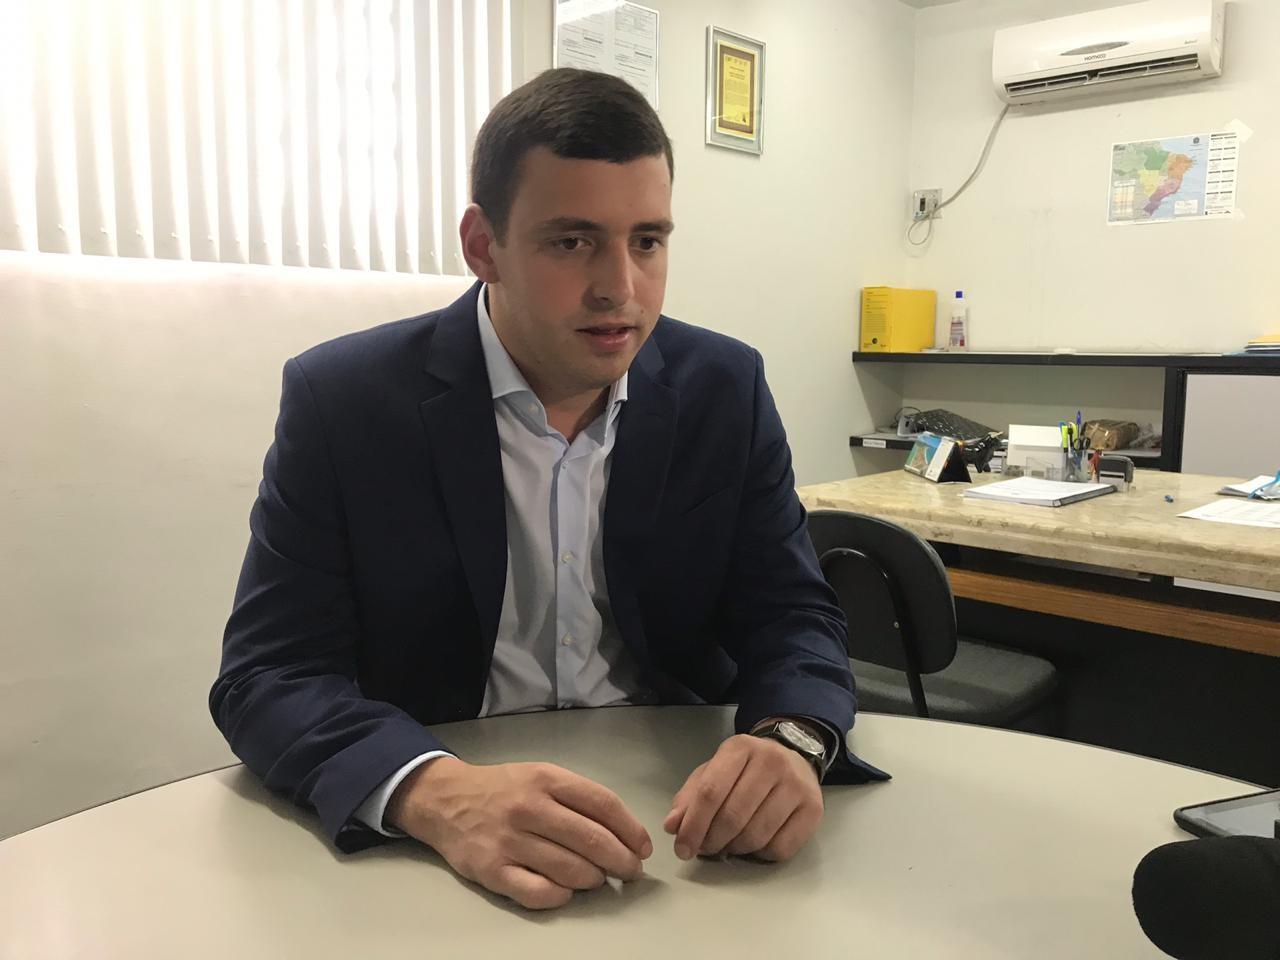 Agência agropecuária de AL faz fiscalização em criadouros após confirmação de caso de peste suína - Notícias - Plantão Diário